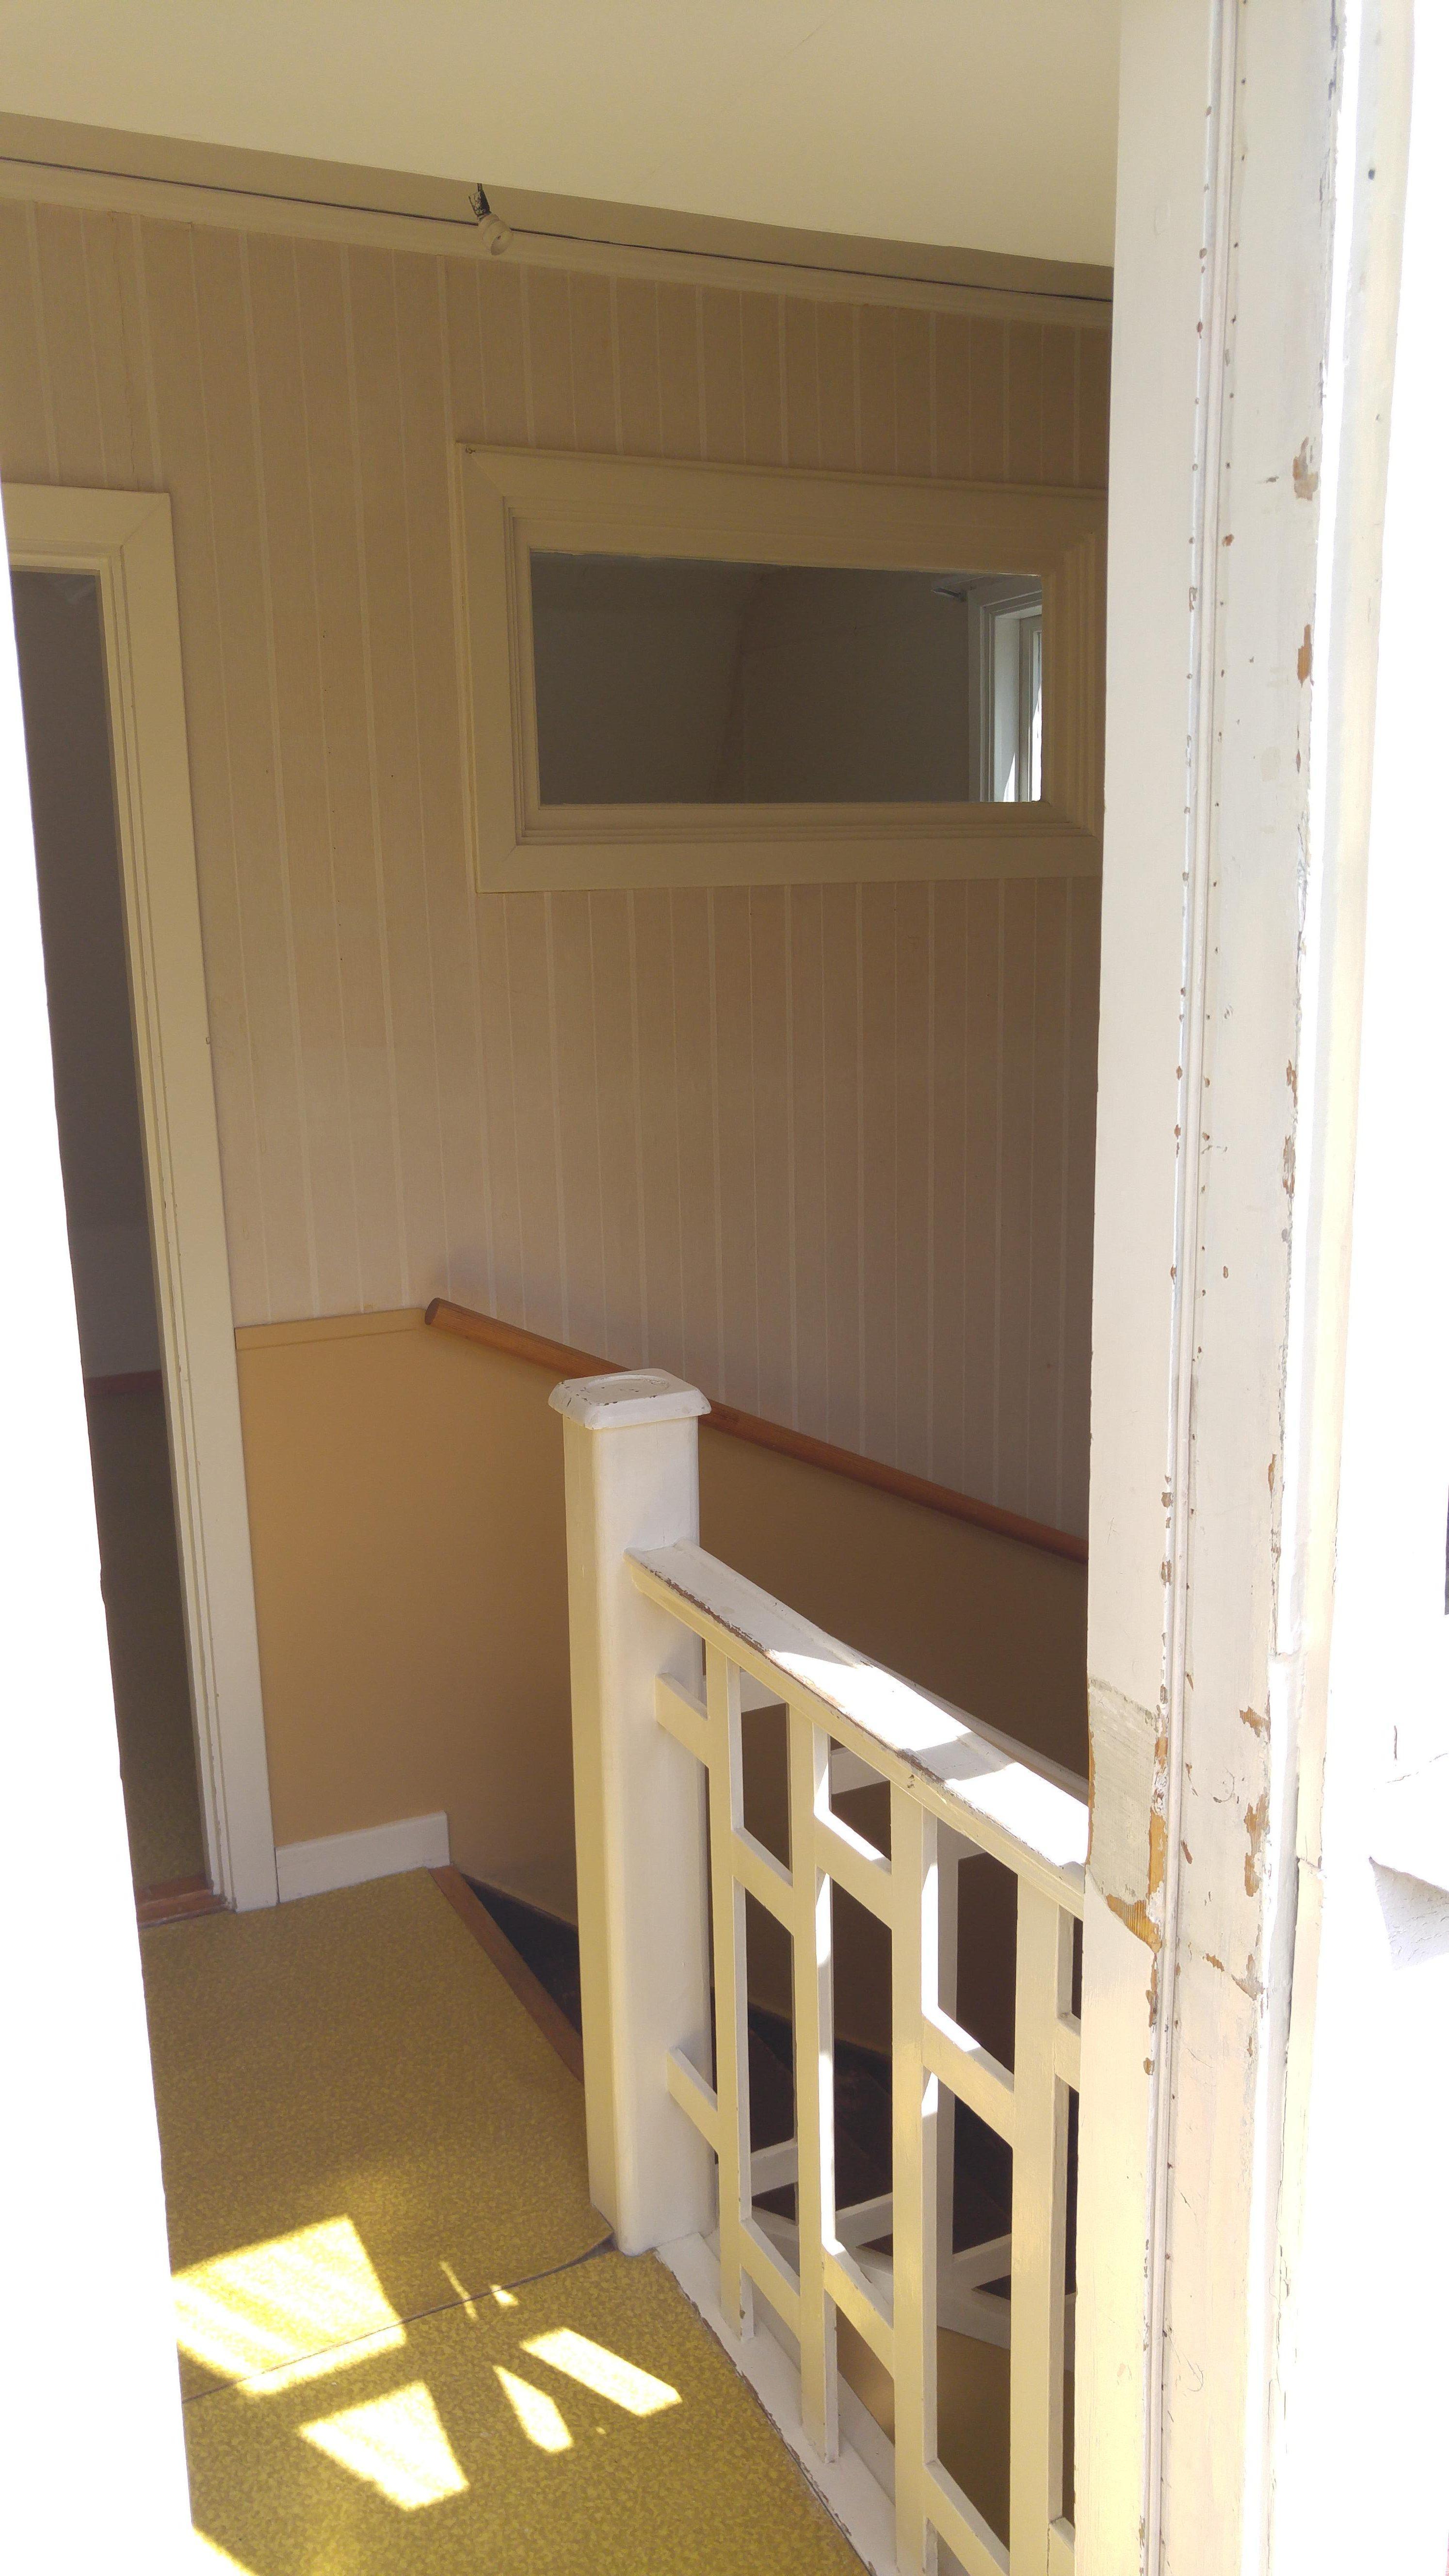 drömhus 20-talshus rött hus vita knutar renovering jugend husdröm pysslan blogg trapp mot lilla sovrummet